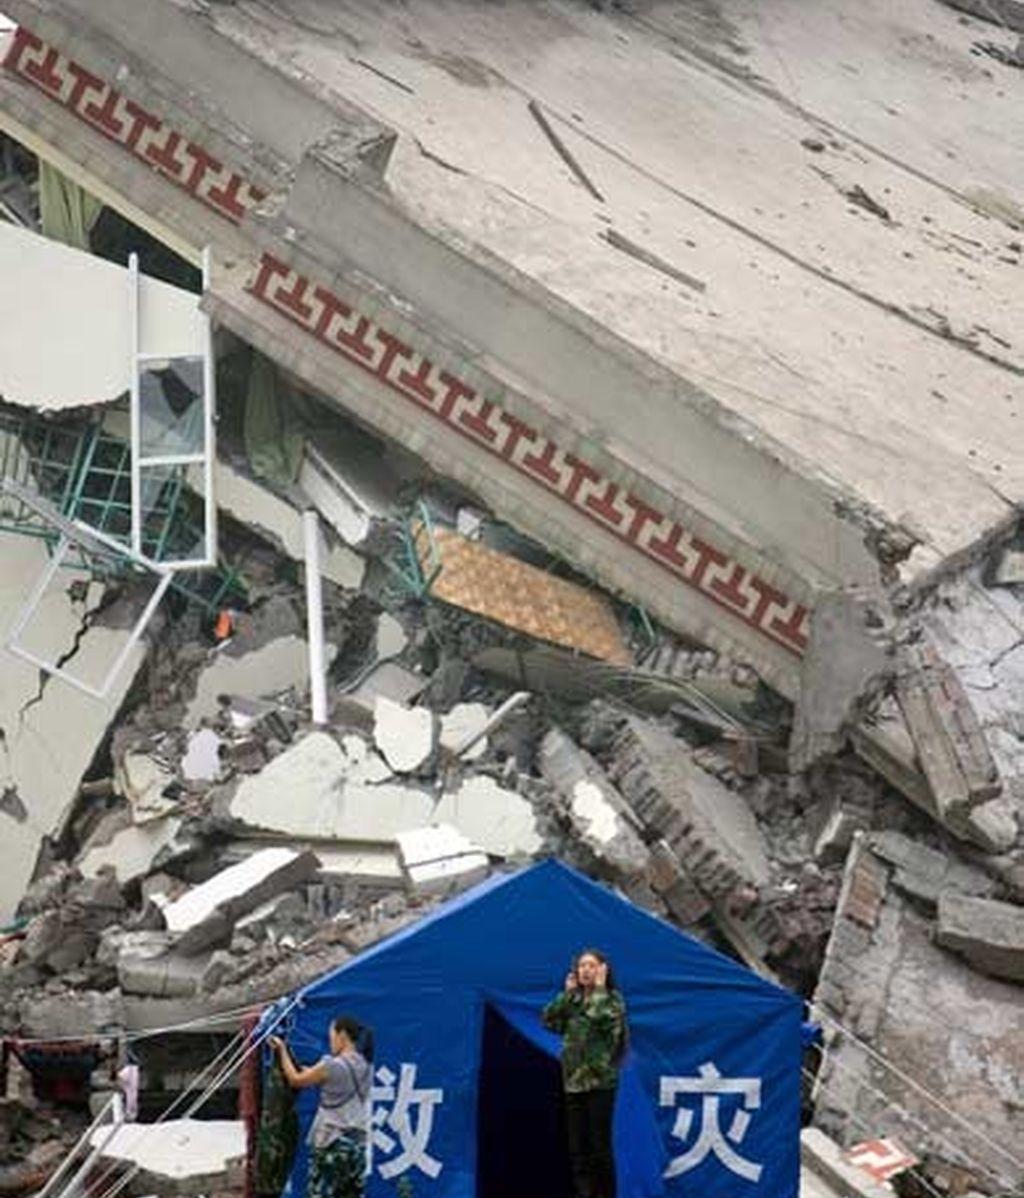 Voluntarios permanecen junto a una carpa provisional ubicada frente a una edificación destruída. Foto: EFE